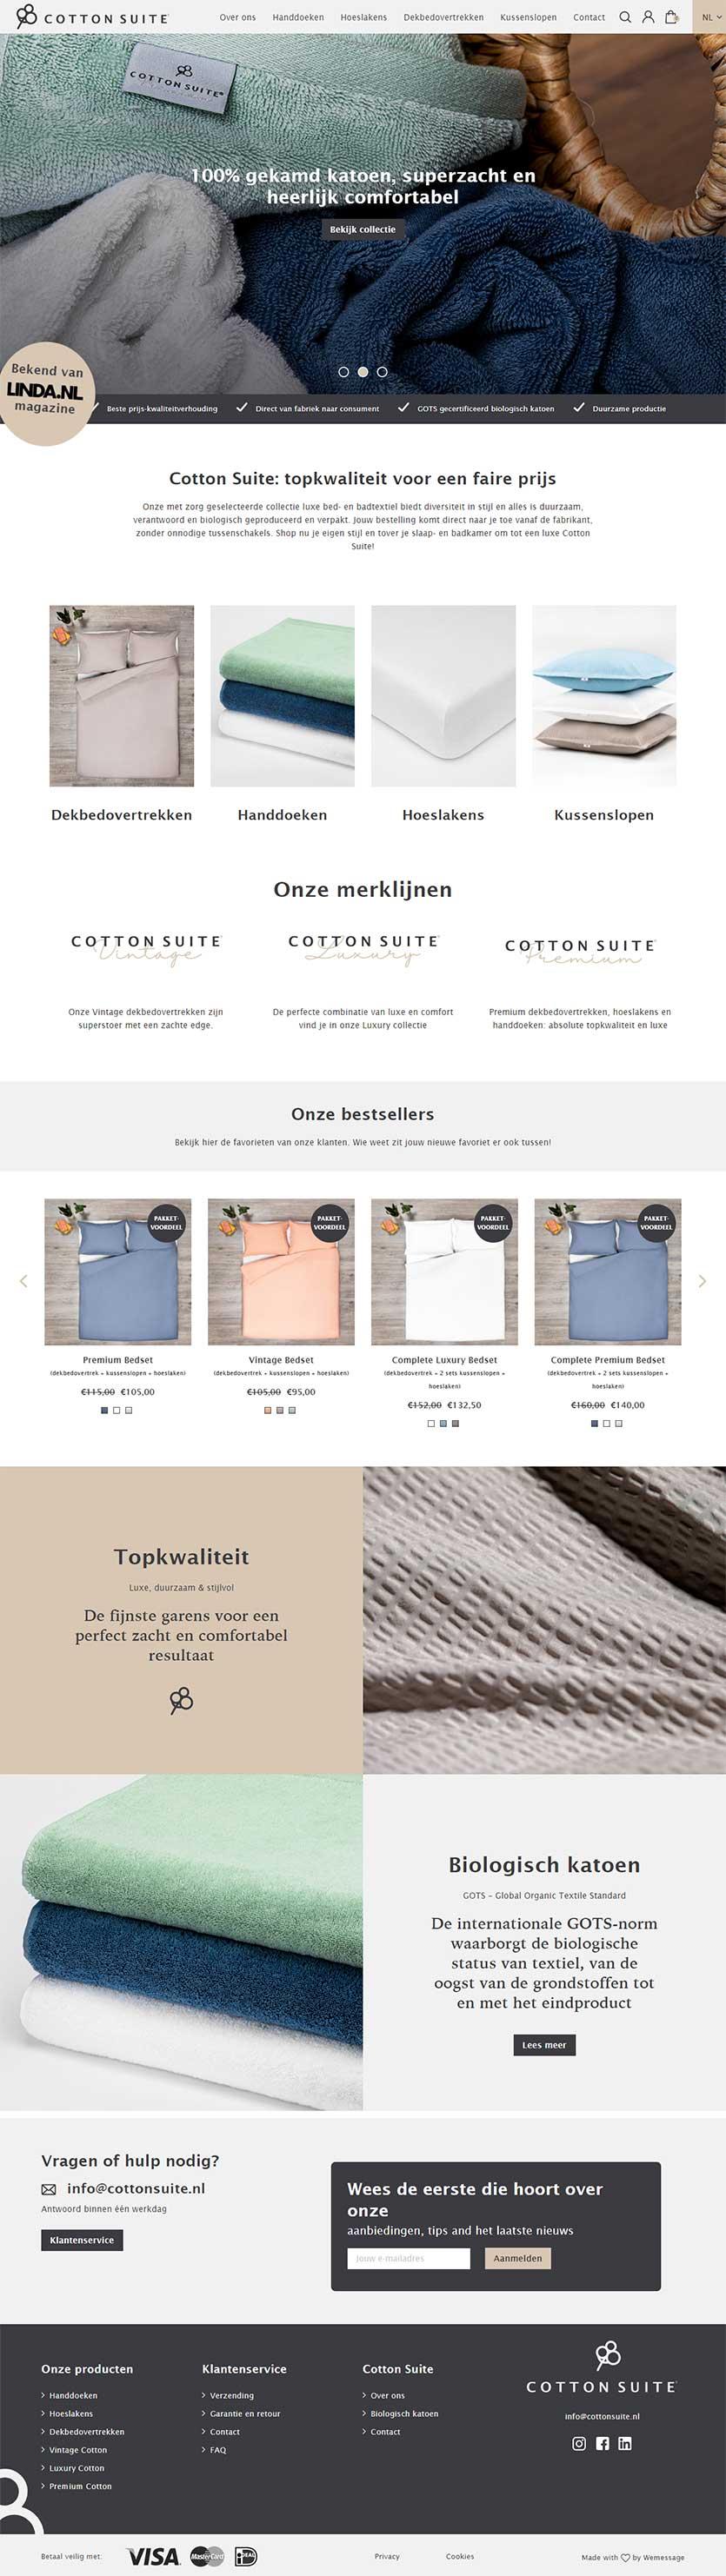 Cotton Suite website voorbeeld op laptops